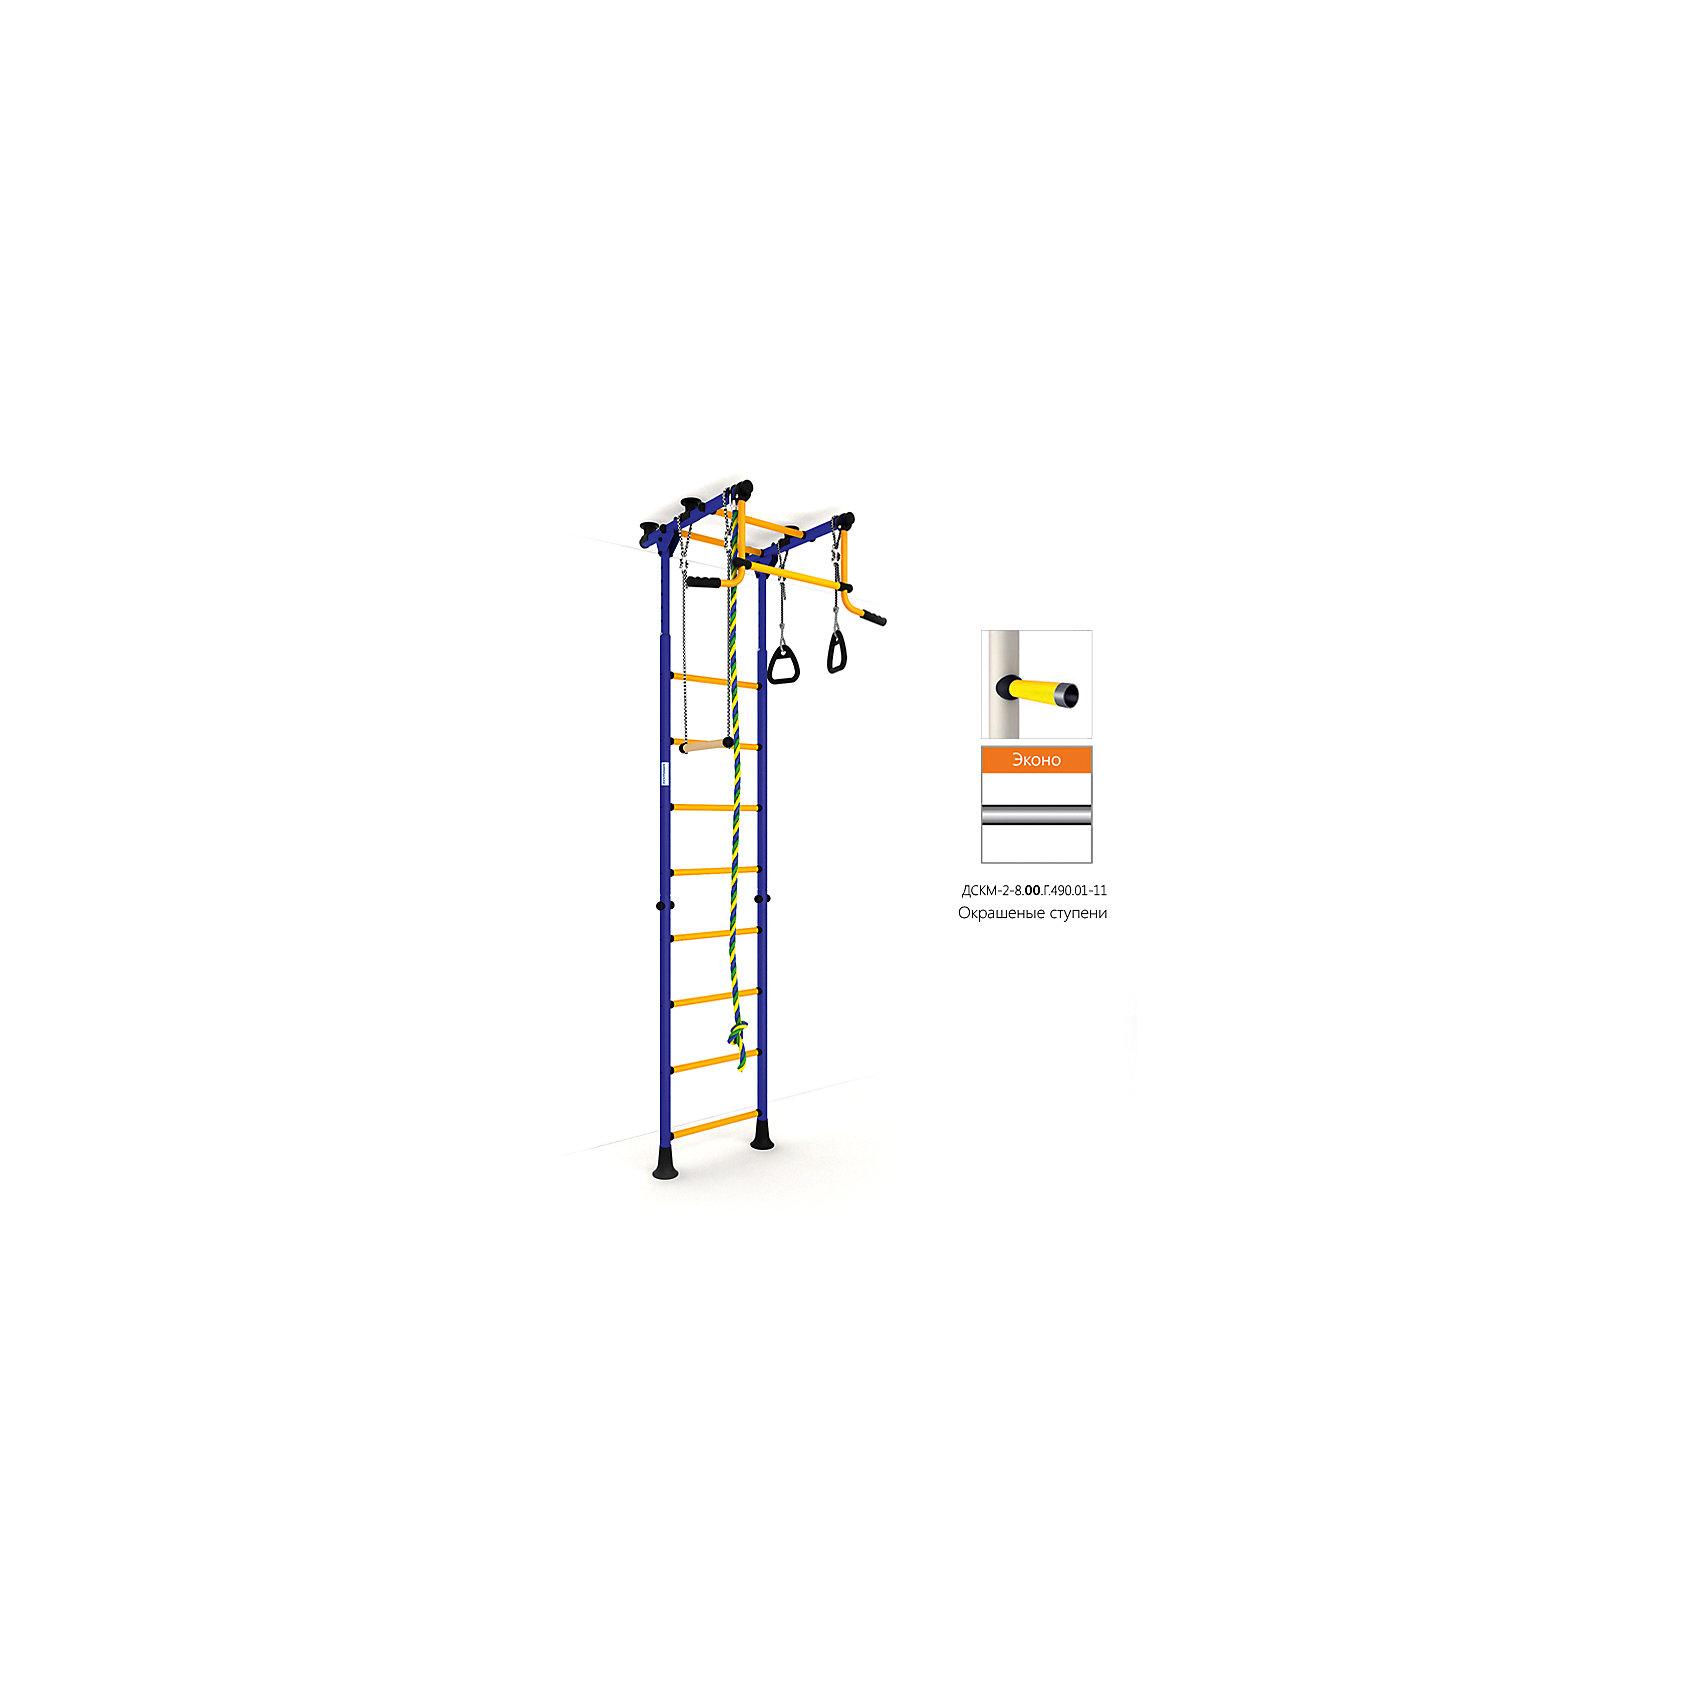 Шведская лестница Комета-2 Эконо, синий-желтыйШведские стенки<br>Вариант РОМАНА Карусель Комета-2 с окрашенными ступенями, без дополнительного покрытия – ЭКОНО<br><br>Ширина мм: 1160<br>Глубина мм: 610<br>Высота мм: 140<br>Вес г: 26000<br>Возраст от месяцев: 36<br>Возраст до месяцев: 192<br>Пол: Унисекс<br>Возраст: Детский<br>SKU: 5251557